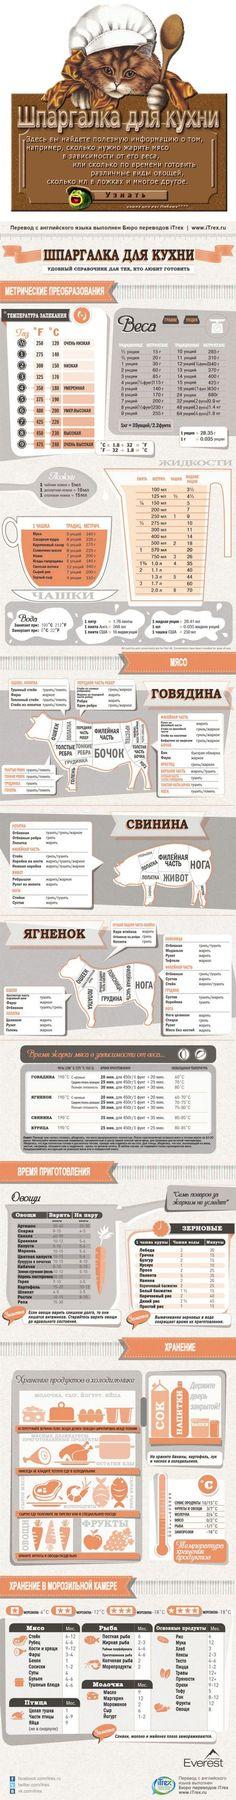 Шпаргалка для кухни: